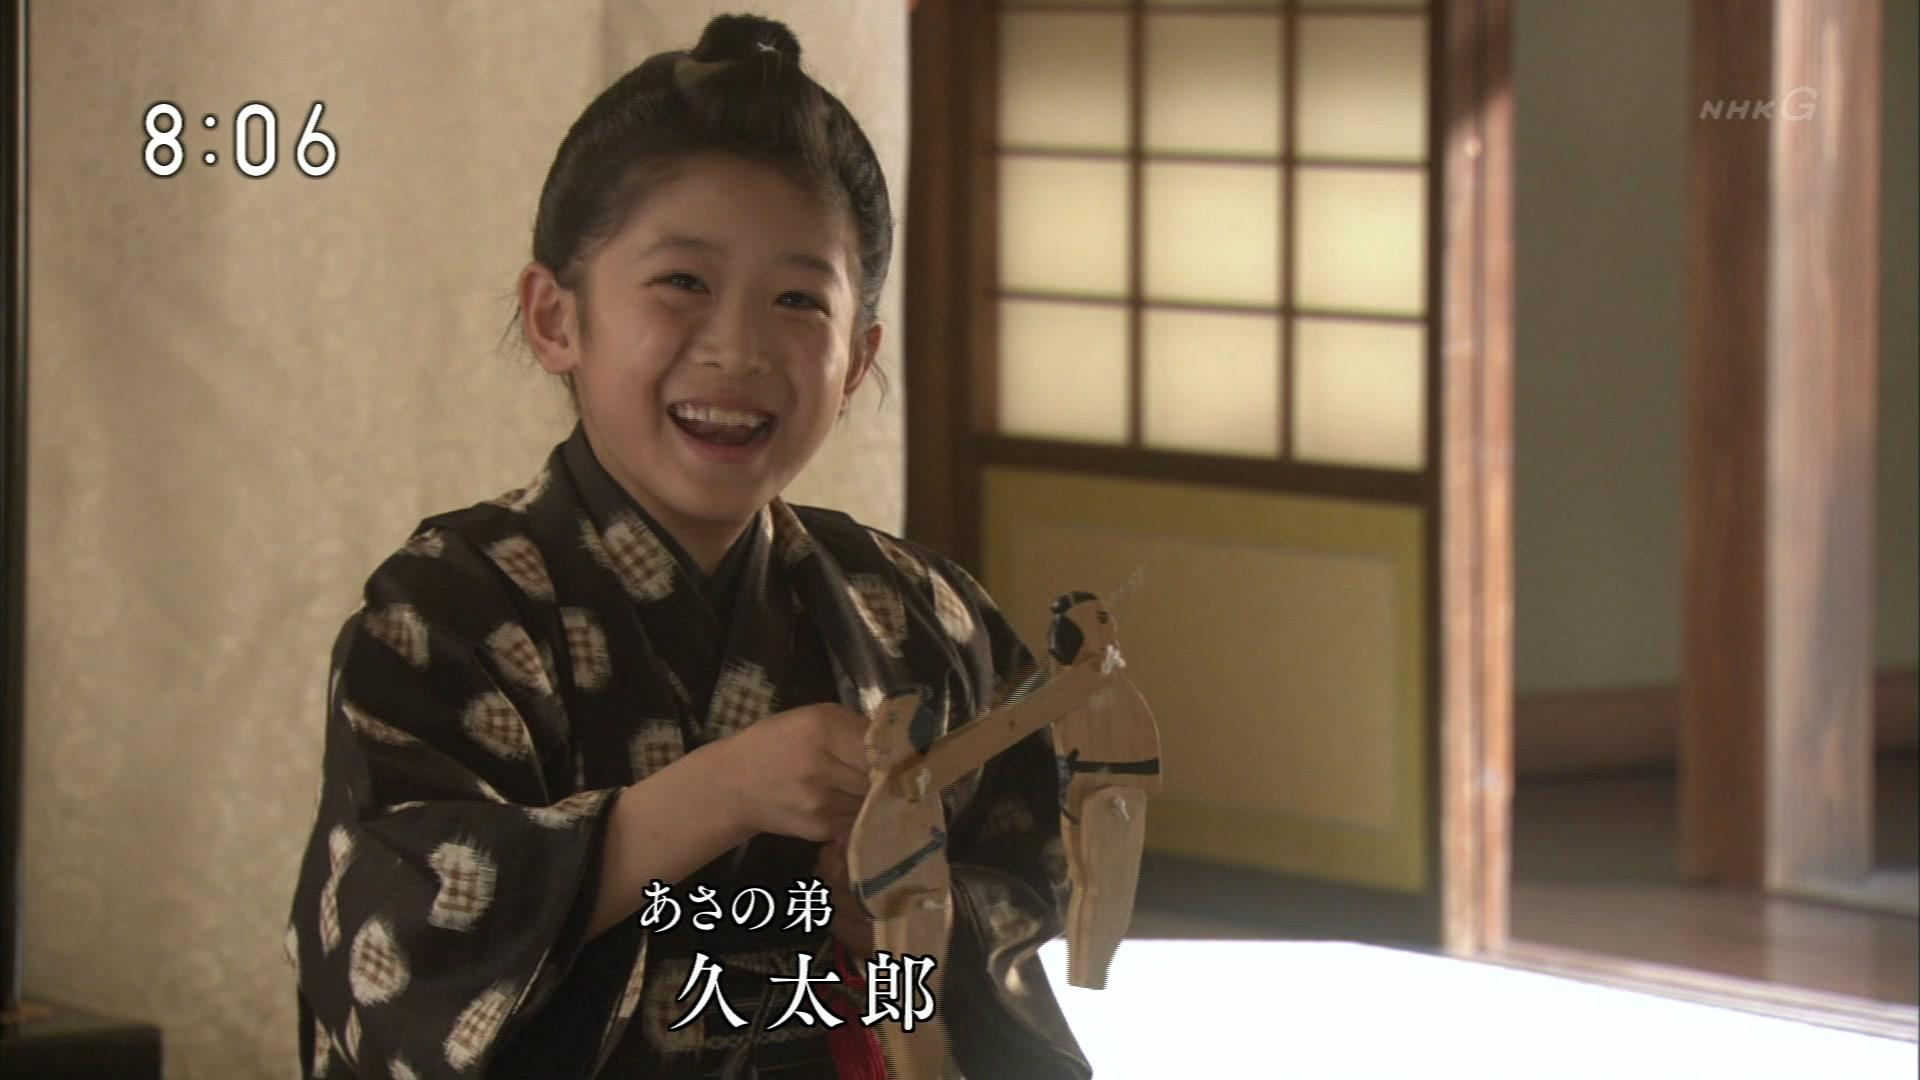 2015-09-28 08:00 連続テレビ小説 あさが来た(1)「小さな許嫁(いいなずけ)」 12799